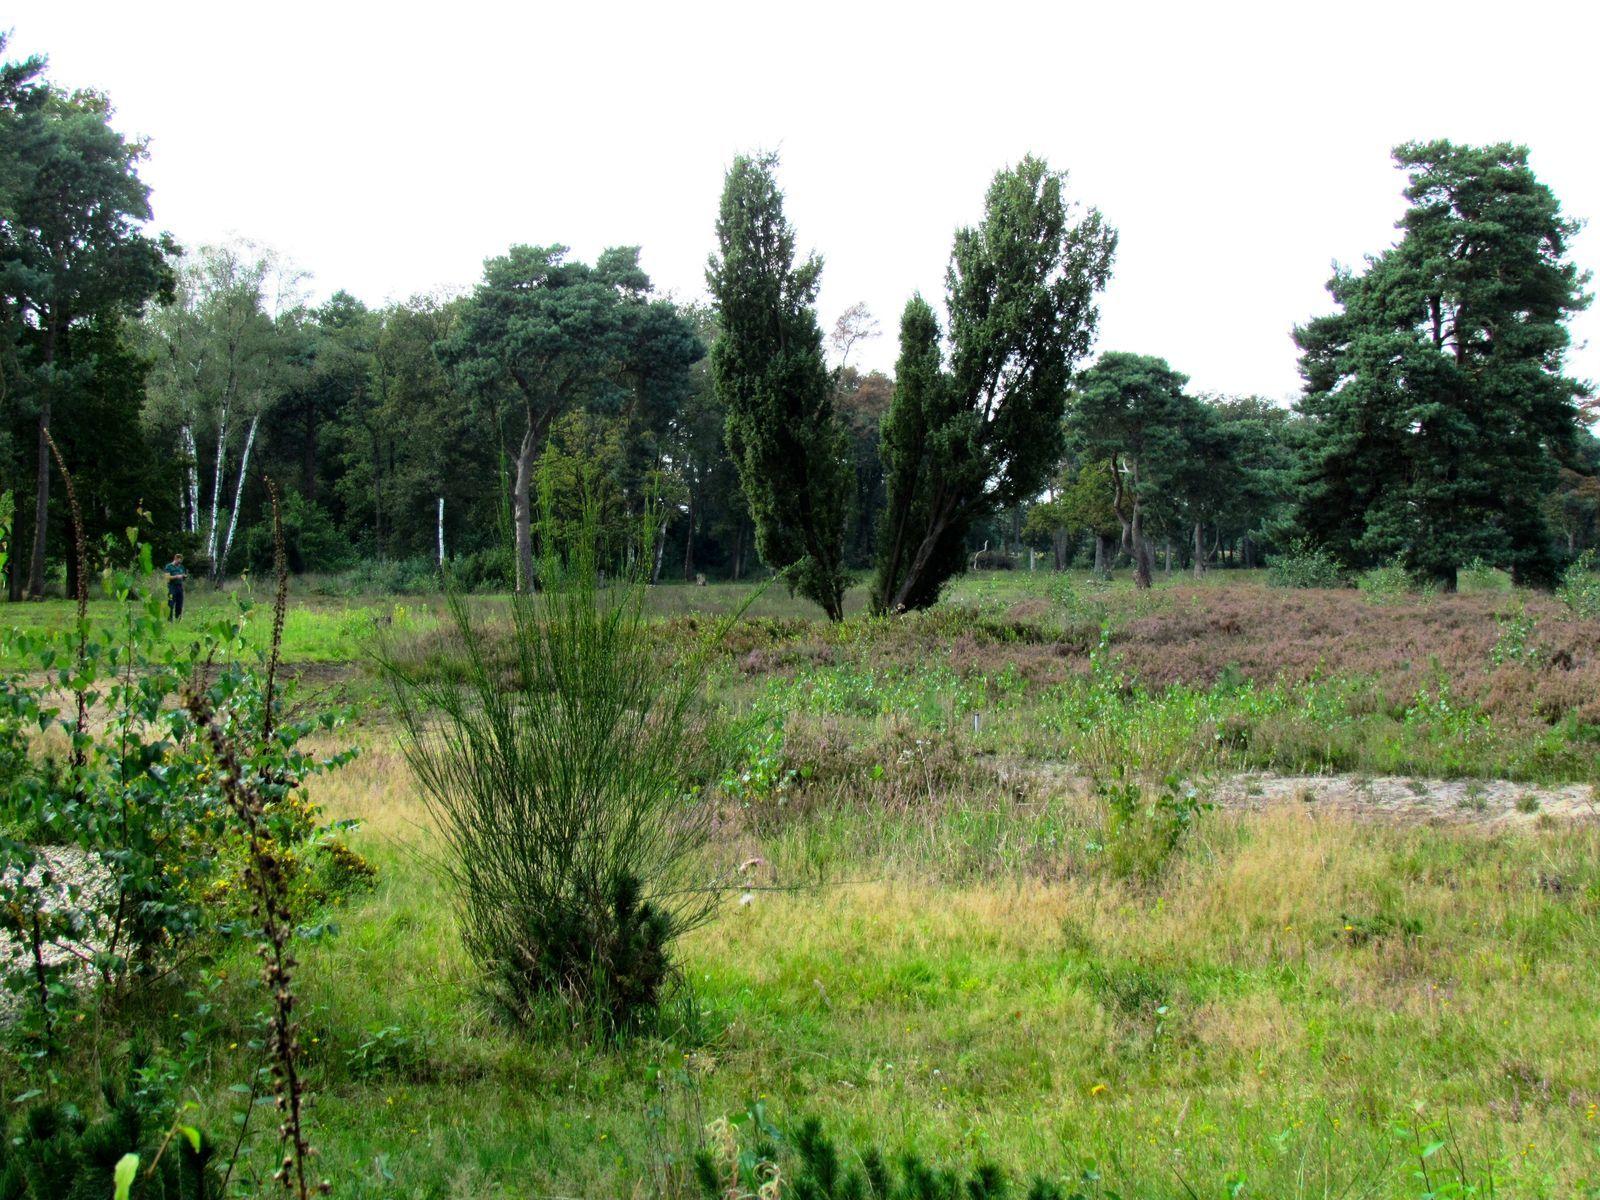 Buitenplaets de Heide Woonhuis & Kapschuur groepshuis voor 22 personen